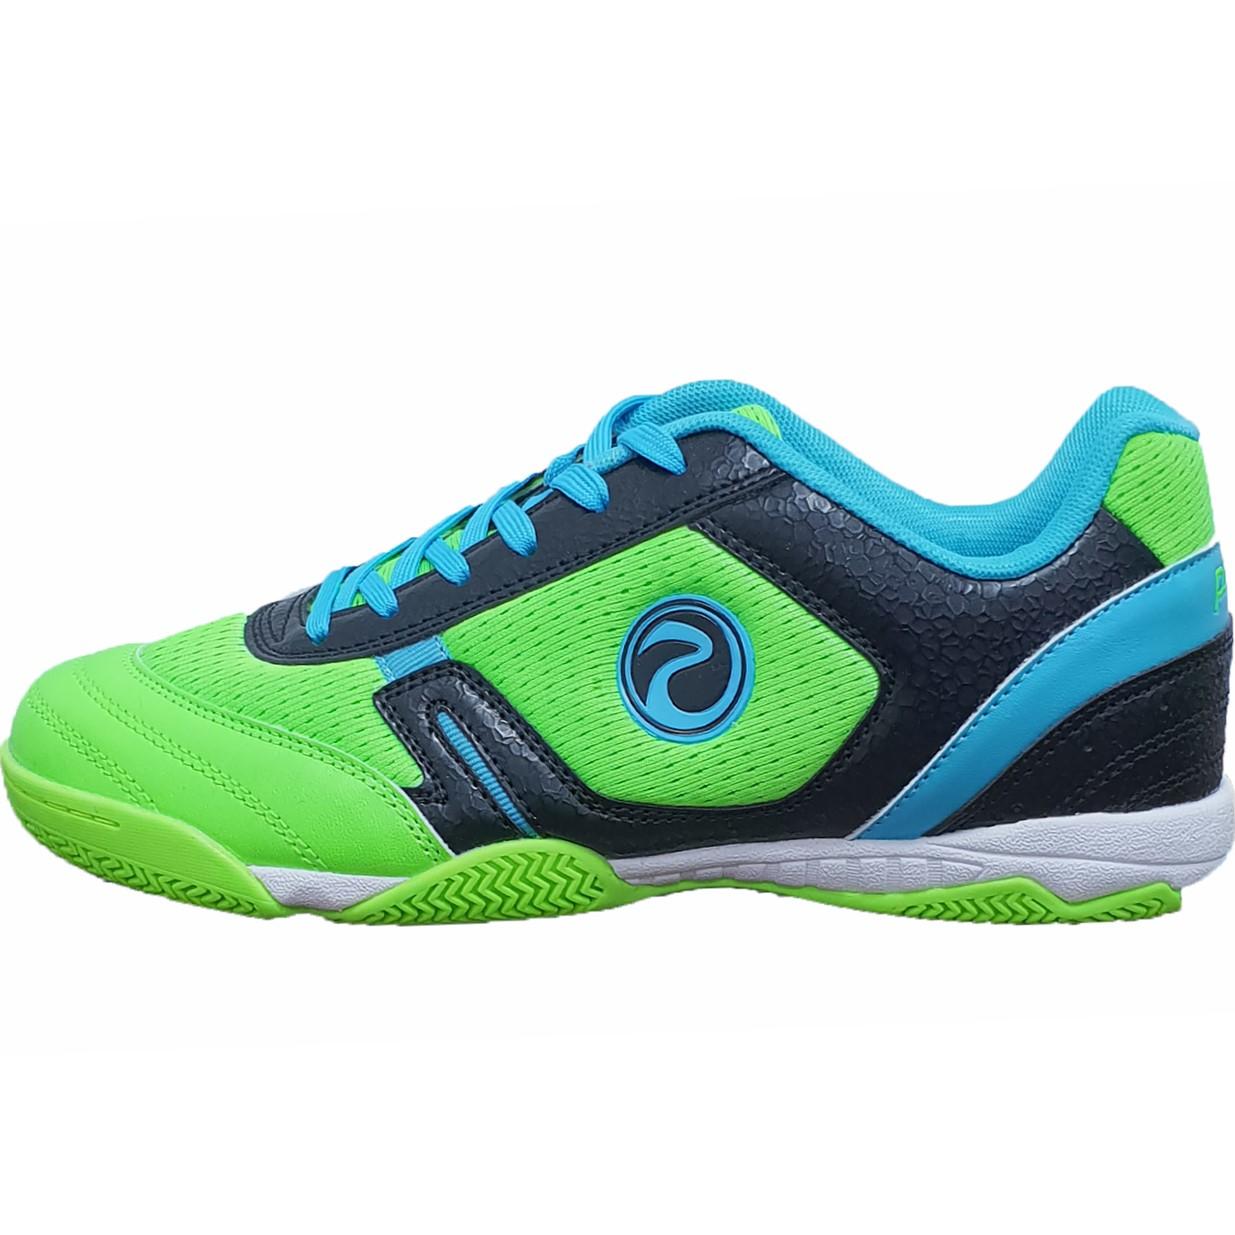 قیمت کفش فوتسال مردانه پریما مدل NV2